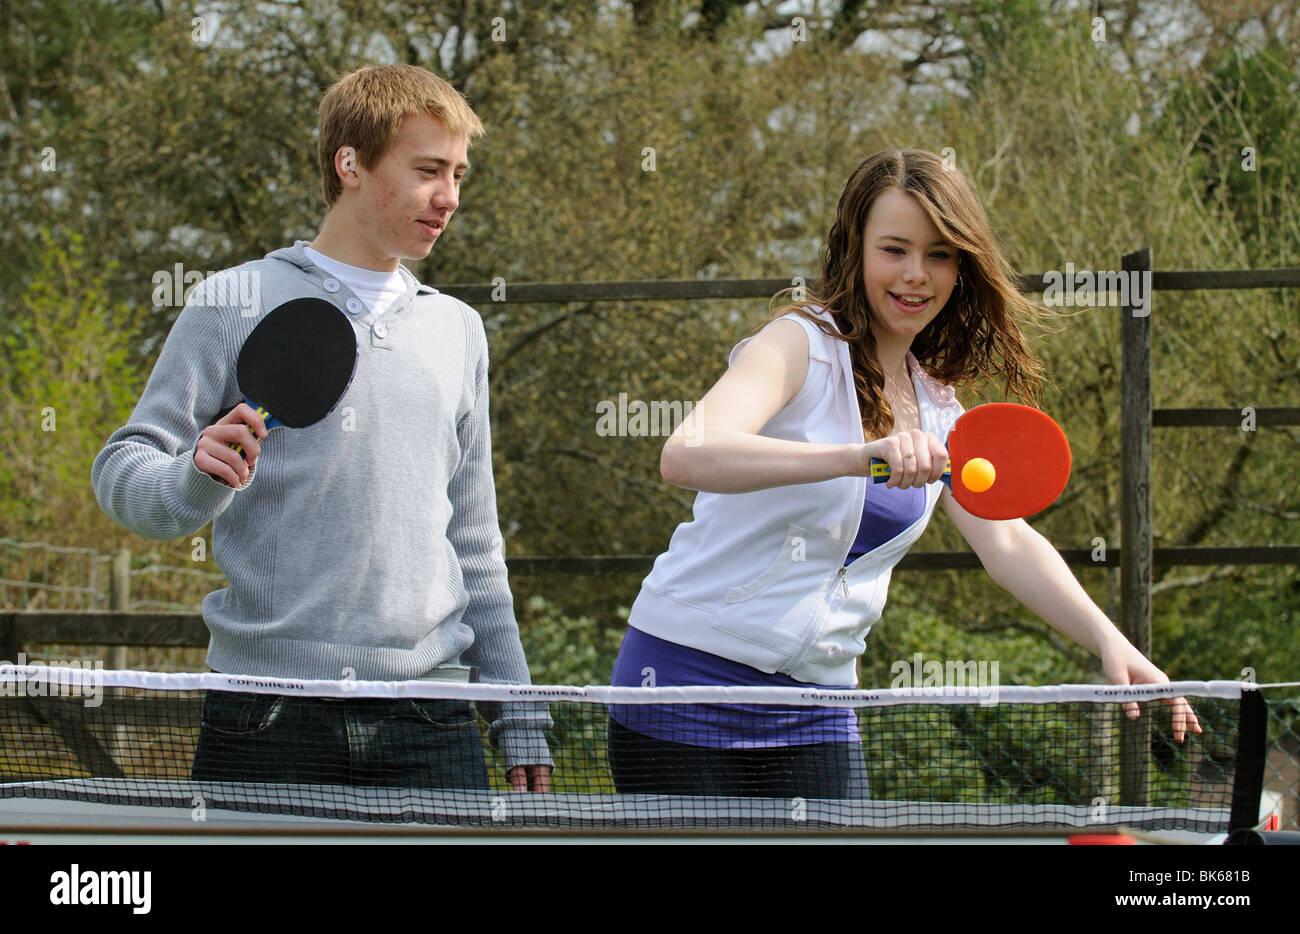 Adolescentes jugando un partido de tenis de mesa en su jardín Imagen De Stock